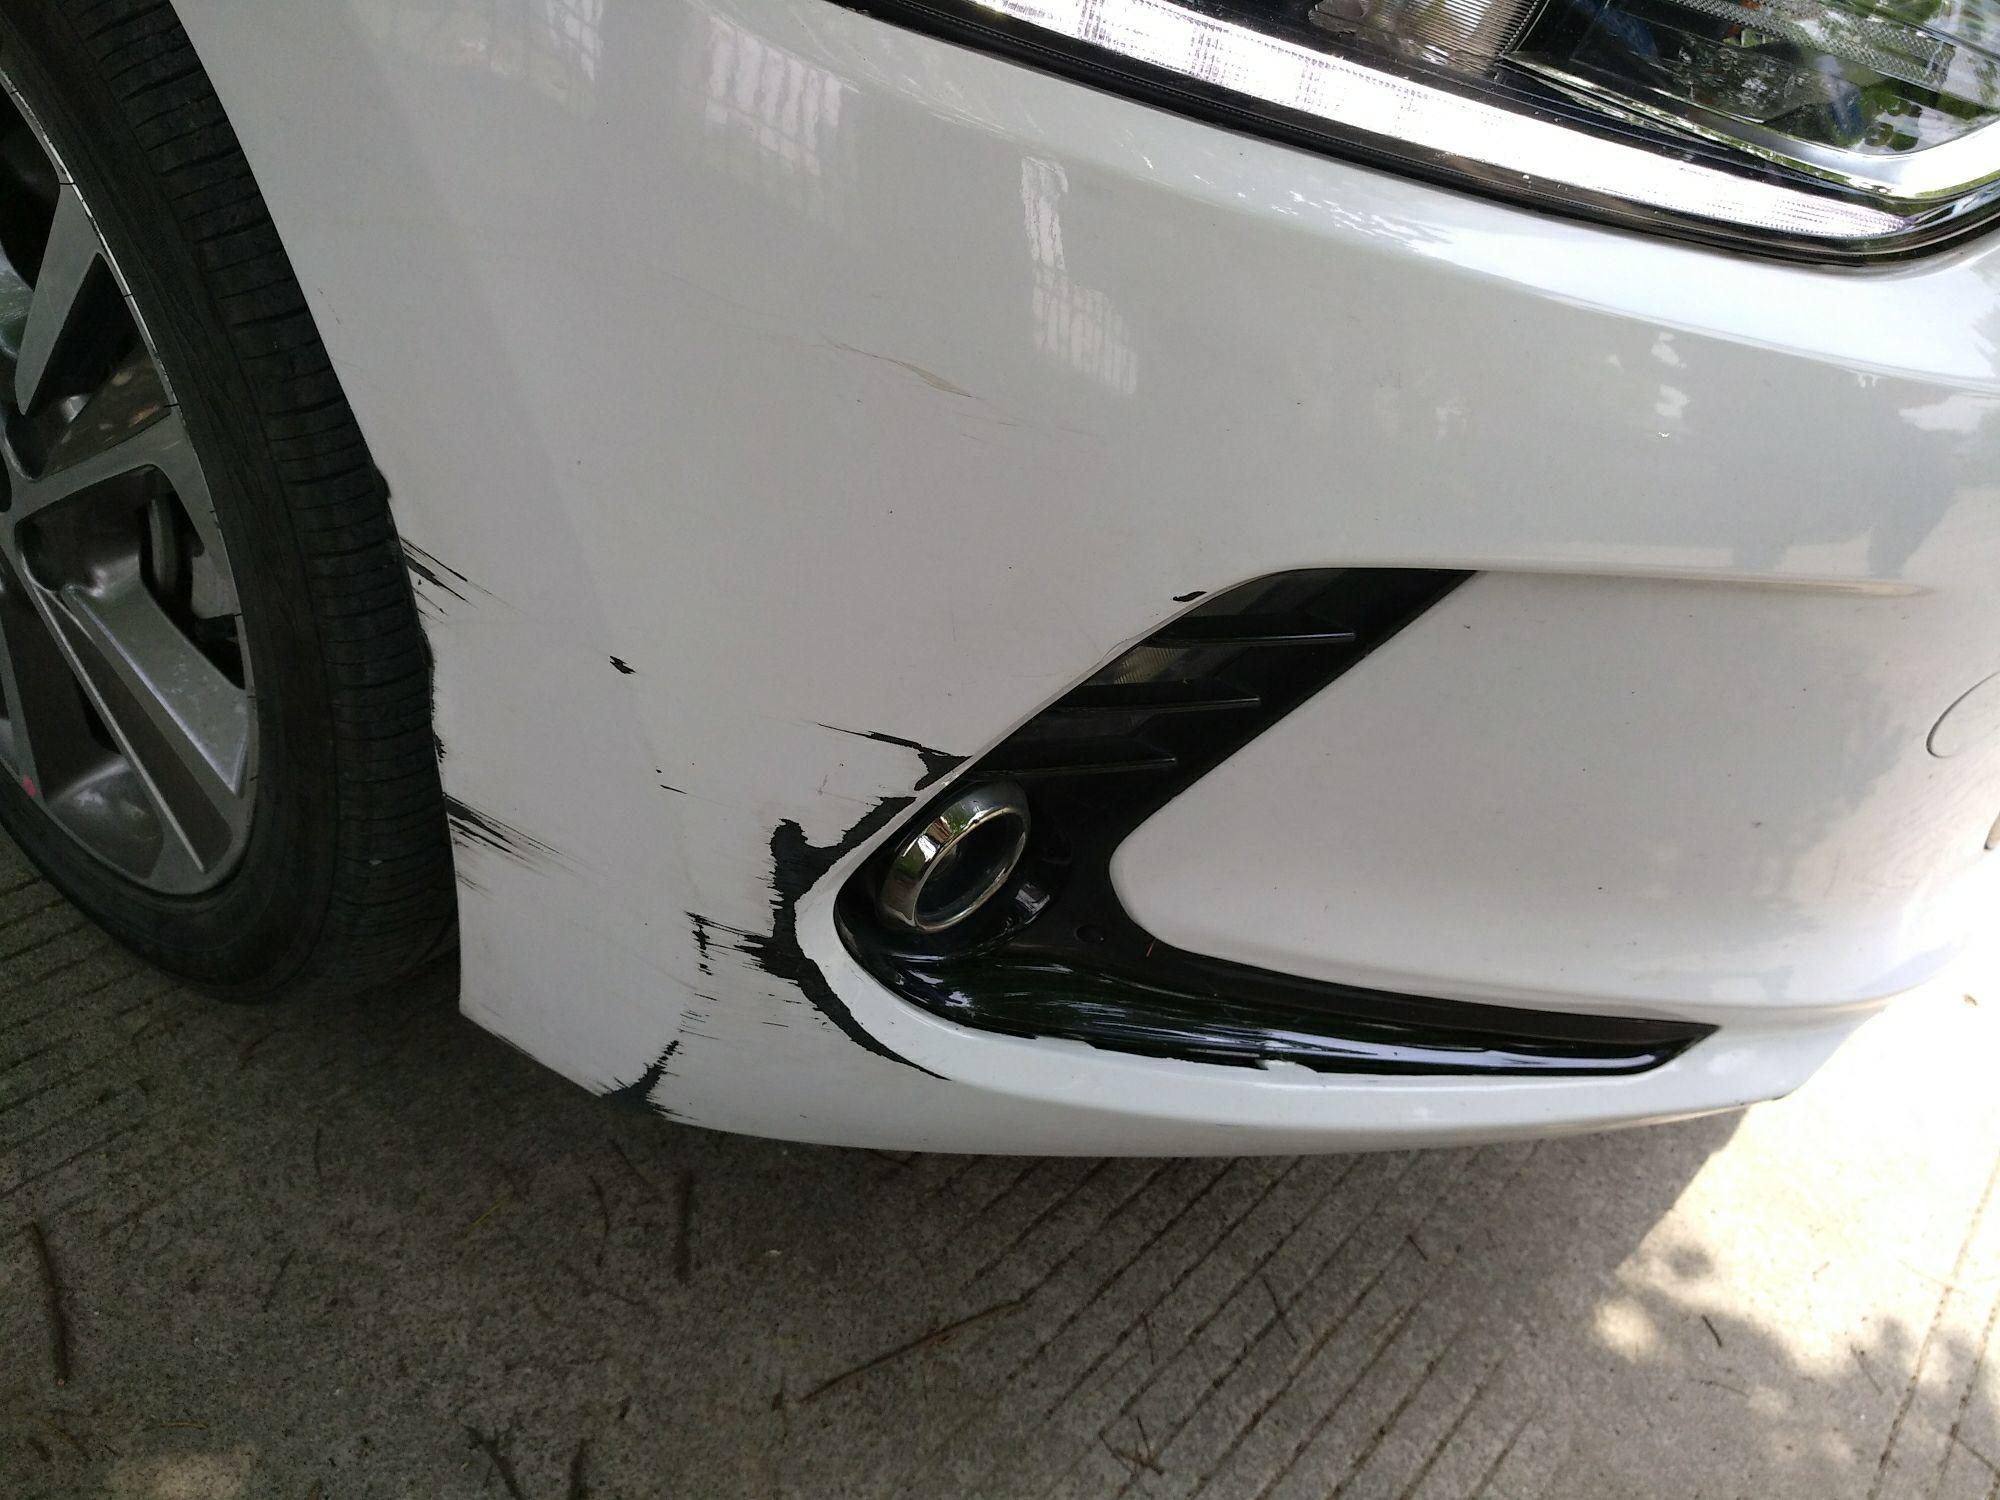 保险杠被撞开裂了 能修复吗 ? 朗动论坛 太平洋汽车网论坛